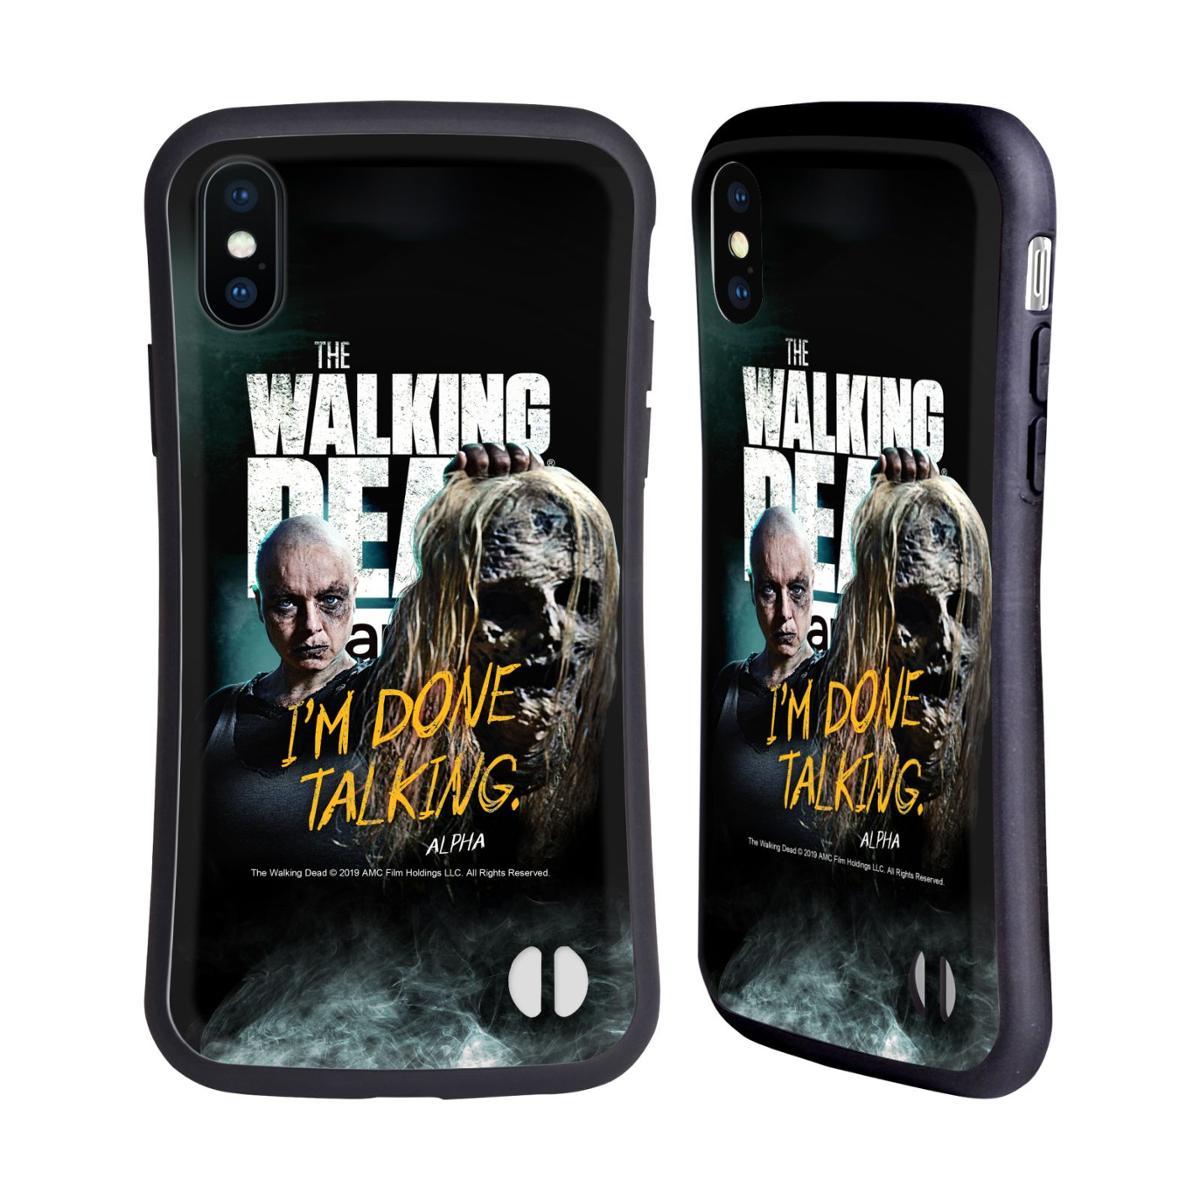 スマートフォン・携帯電話用アクセサリー, ケース・カバー  AMC THE WALKING DEAD 9 APPLE IPHONES